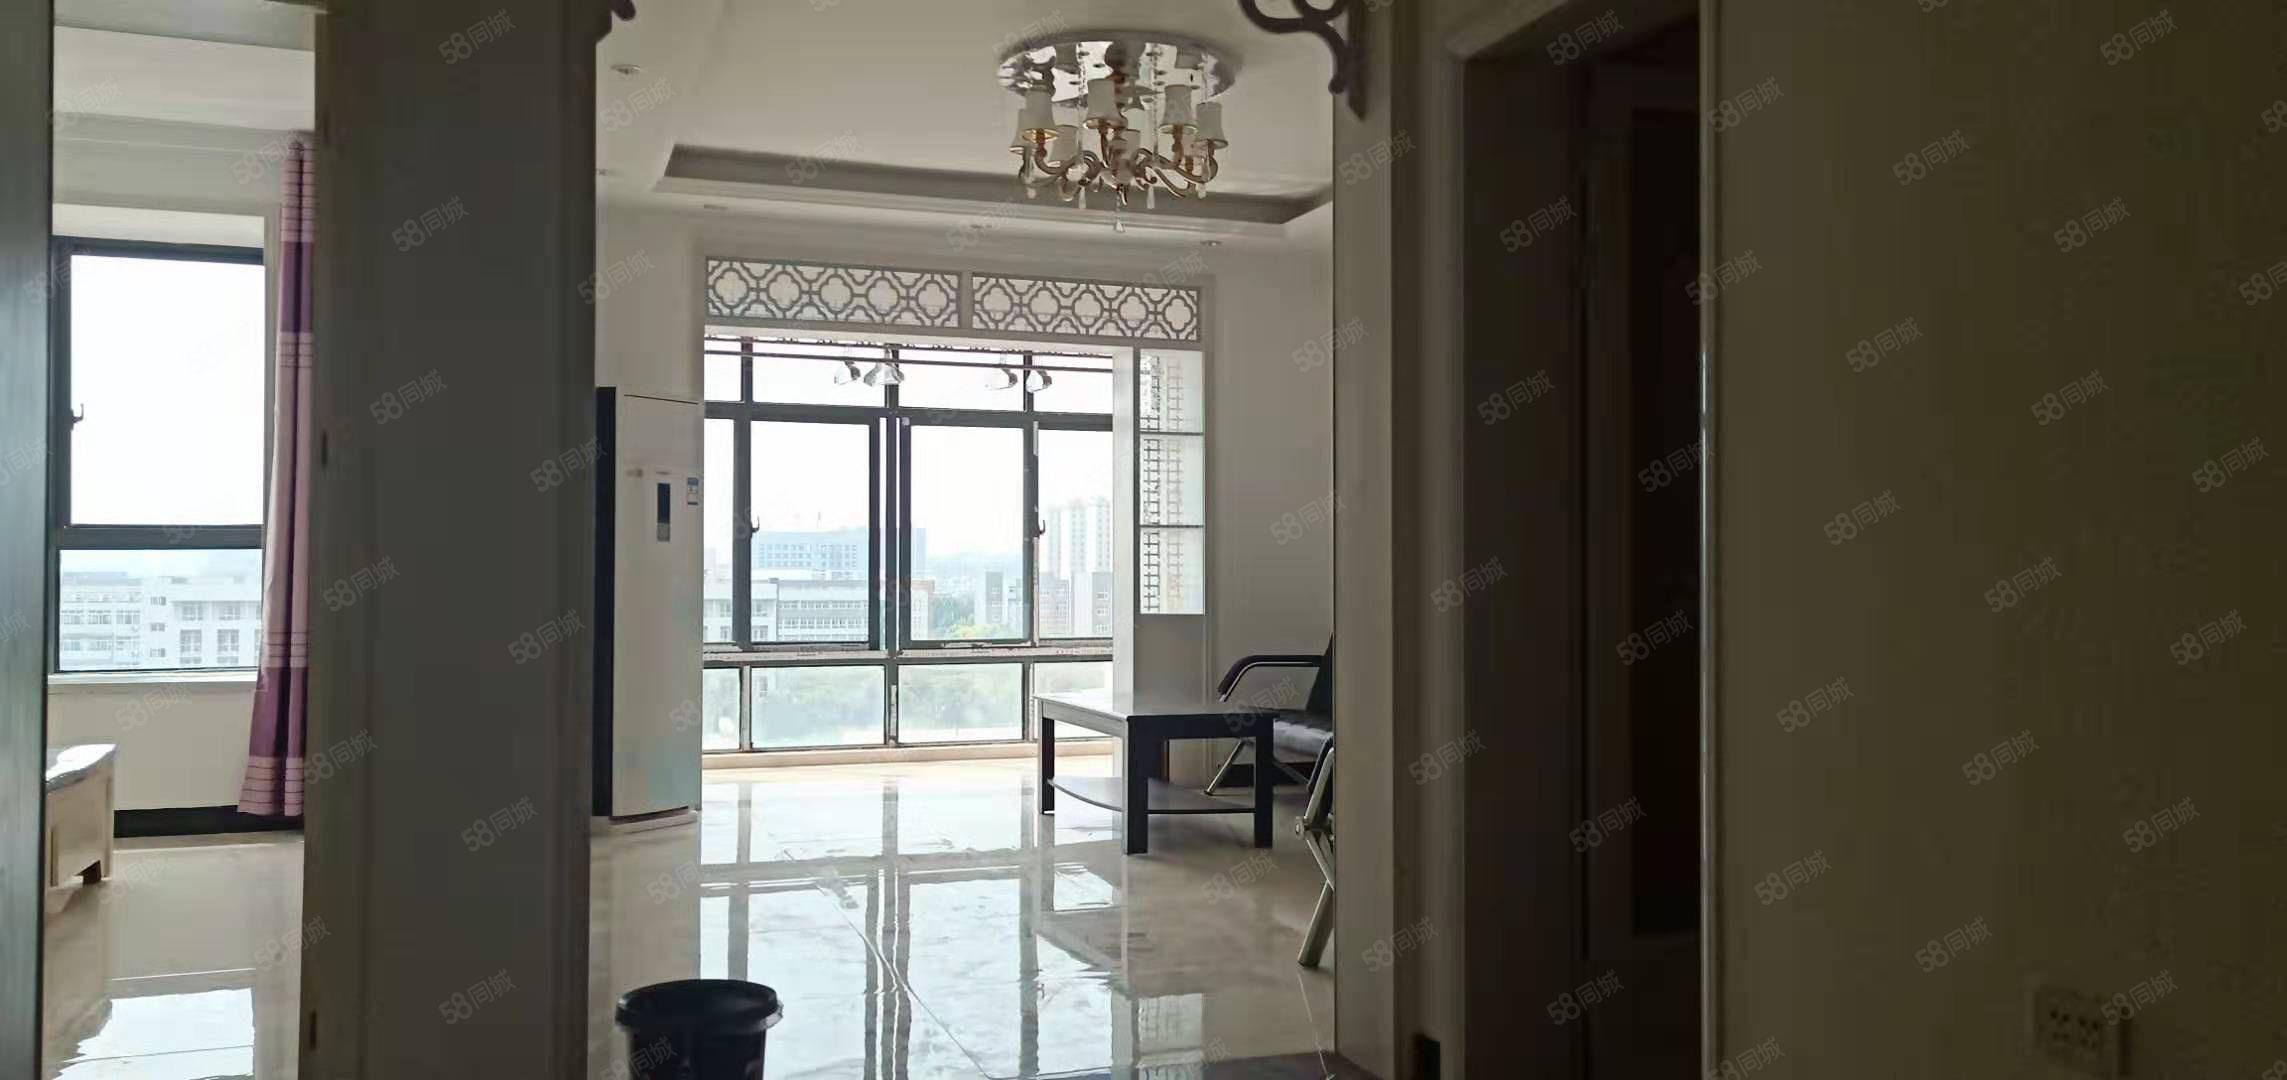 亿达翰林居新一高后一高家属院对面家具家电齐全起居方便